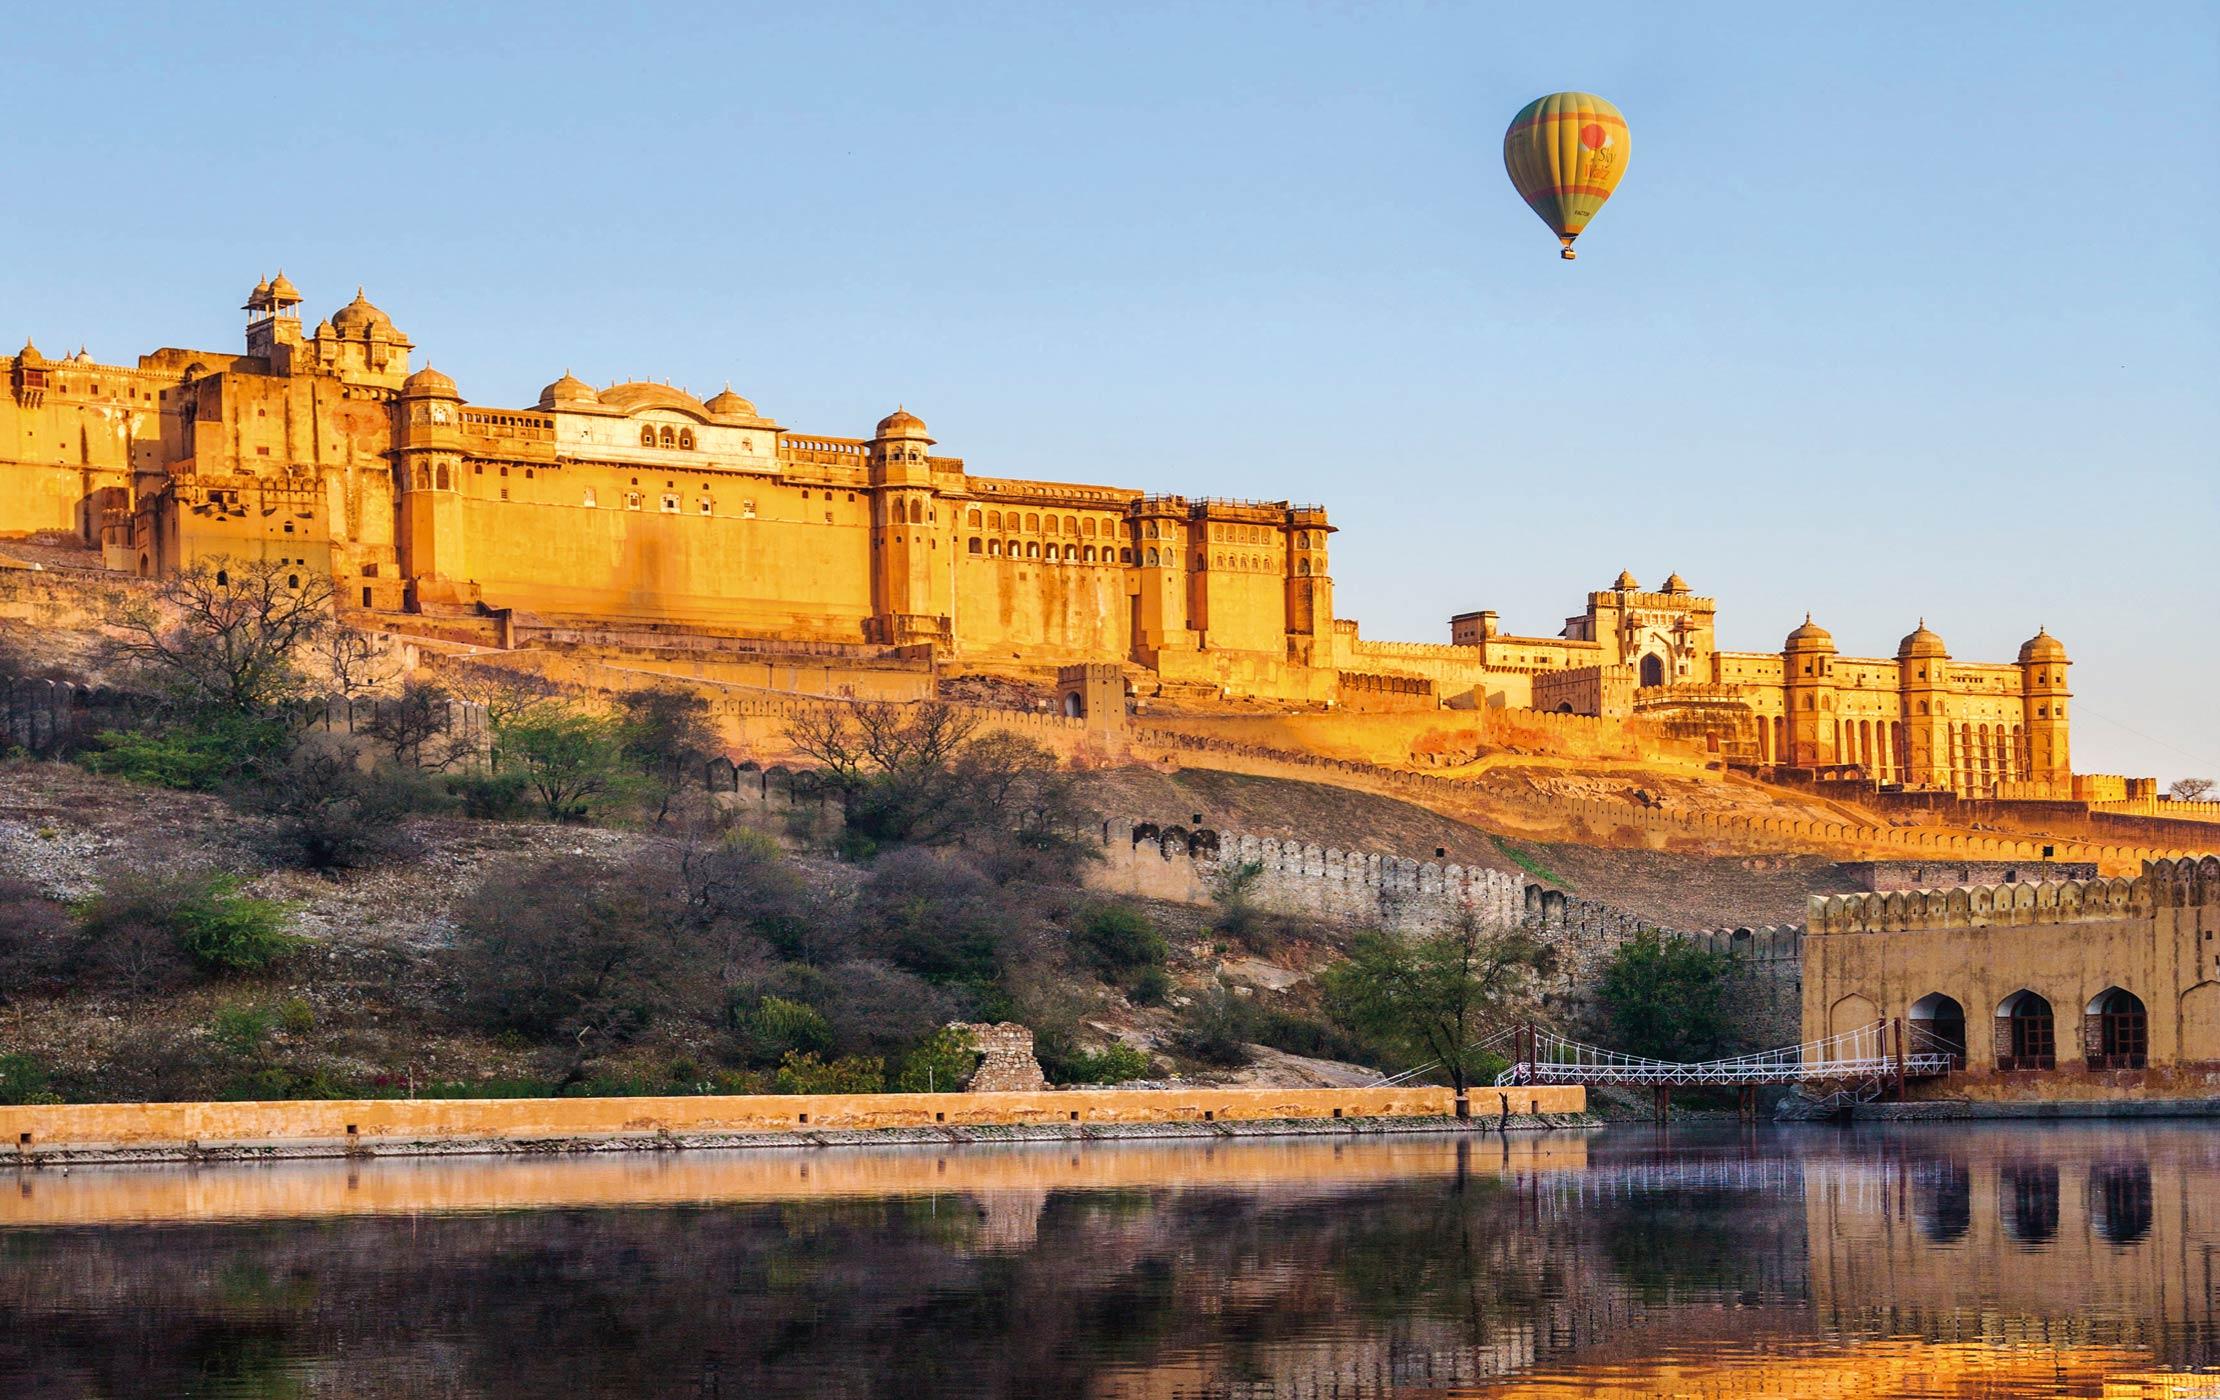 Balooning in Jaipur